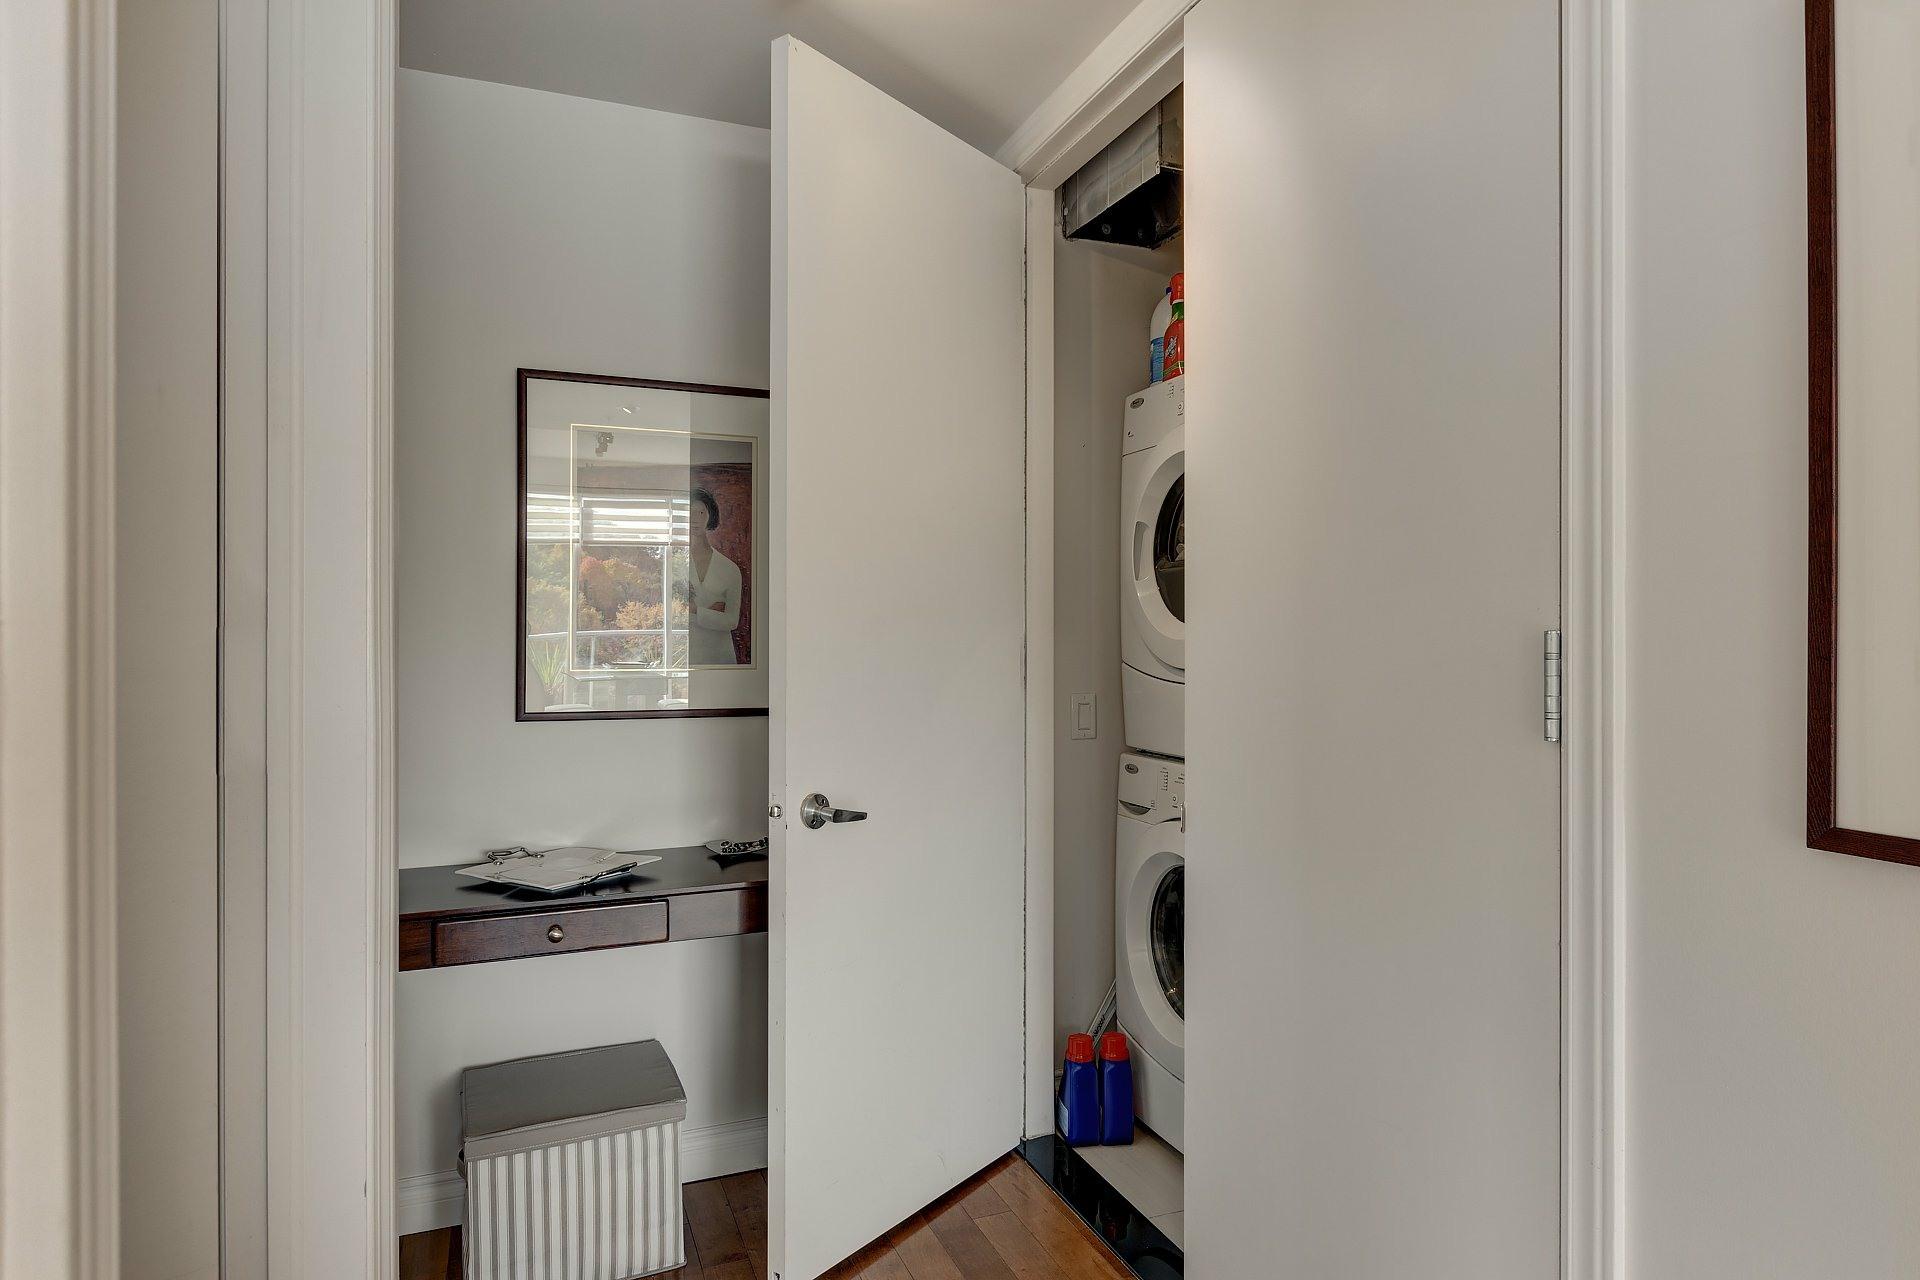 image 14 - Appartement À louer Côte-des-Neiges/Notre-Dame-de-Grâce Montréal  - 5 pièces